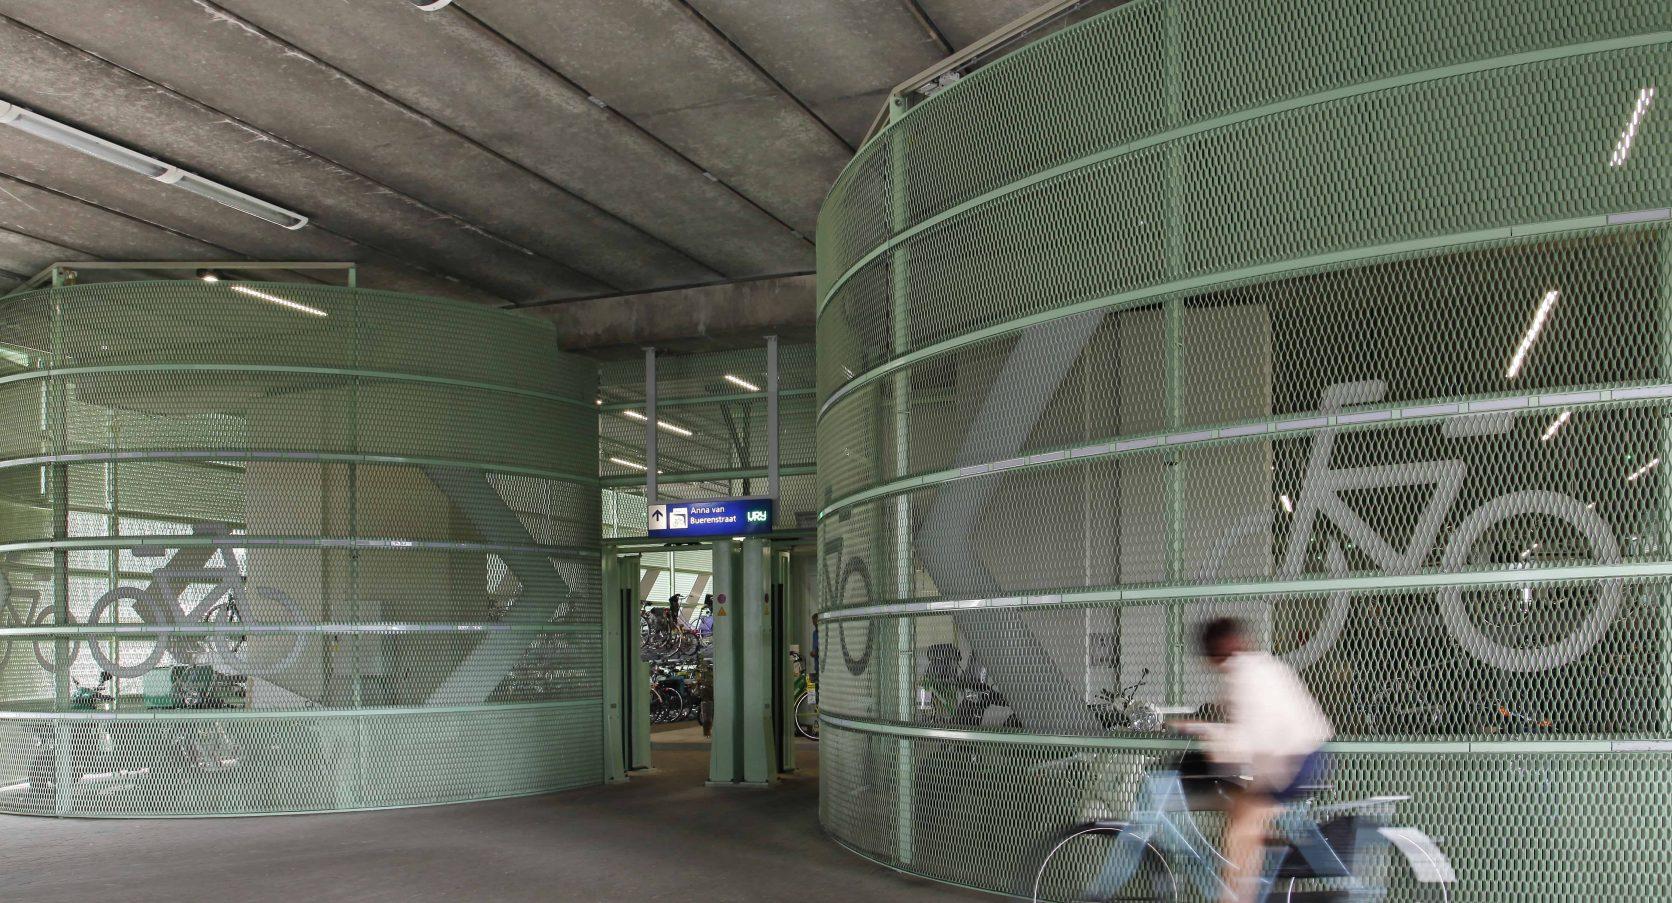 Groen gekleurde strekmetalen gevels in de fietsenstalling op het Station in Den Haag